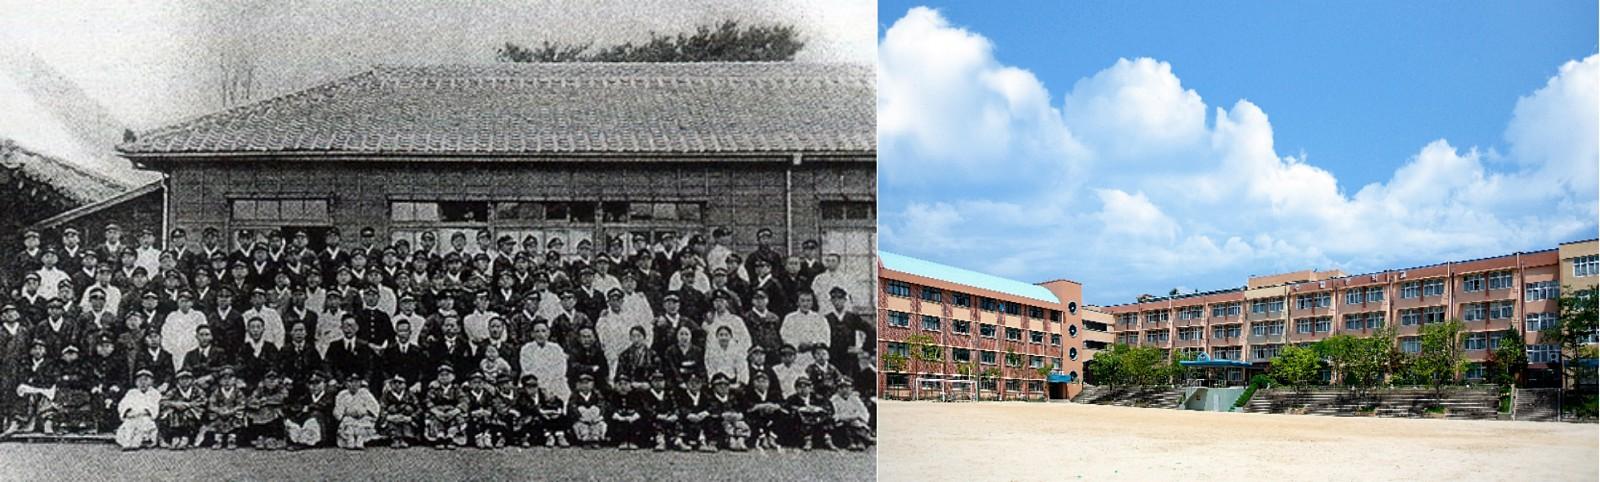 근대 학교의 모습(좌 ⓒ제주교육청)과 오늘날 학교의 모습(우 ⓒ수일중학교)